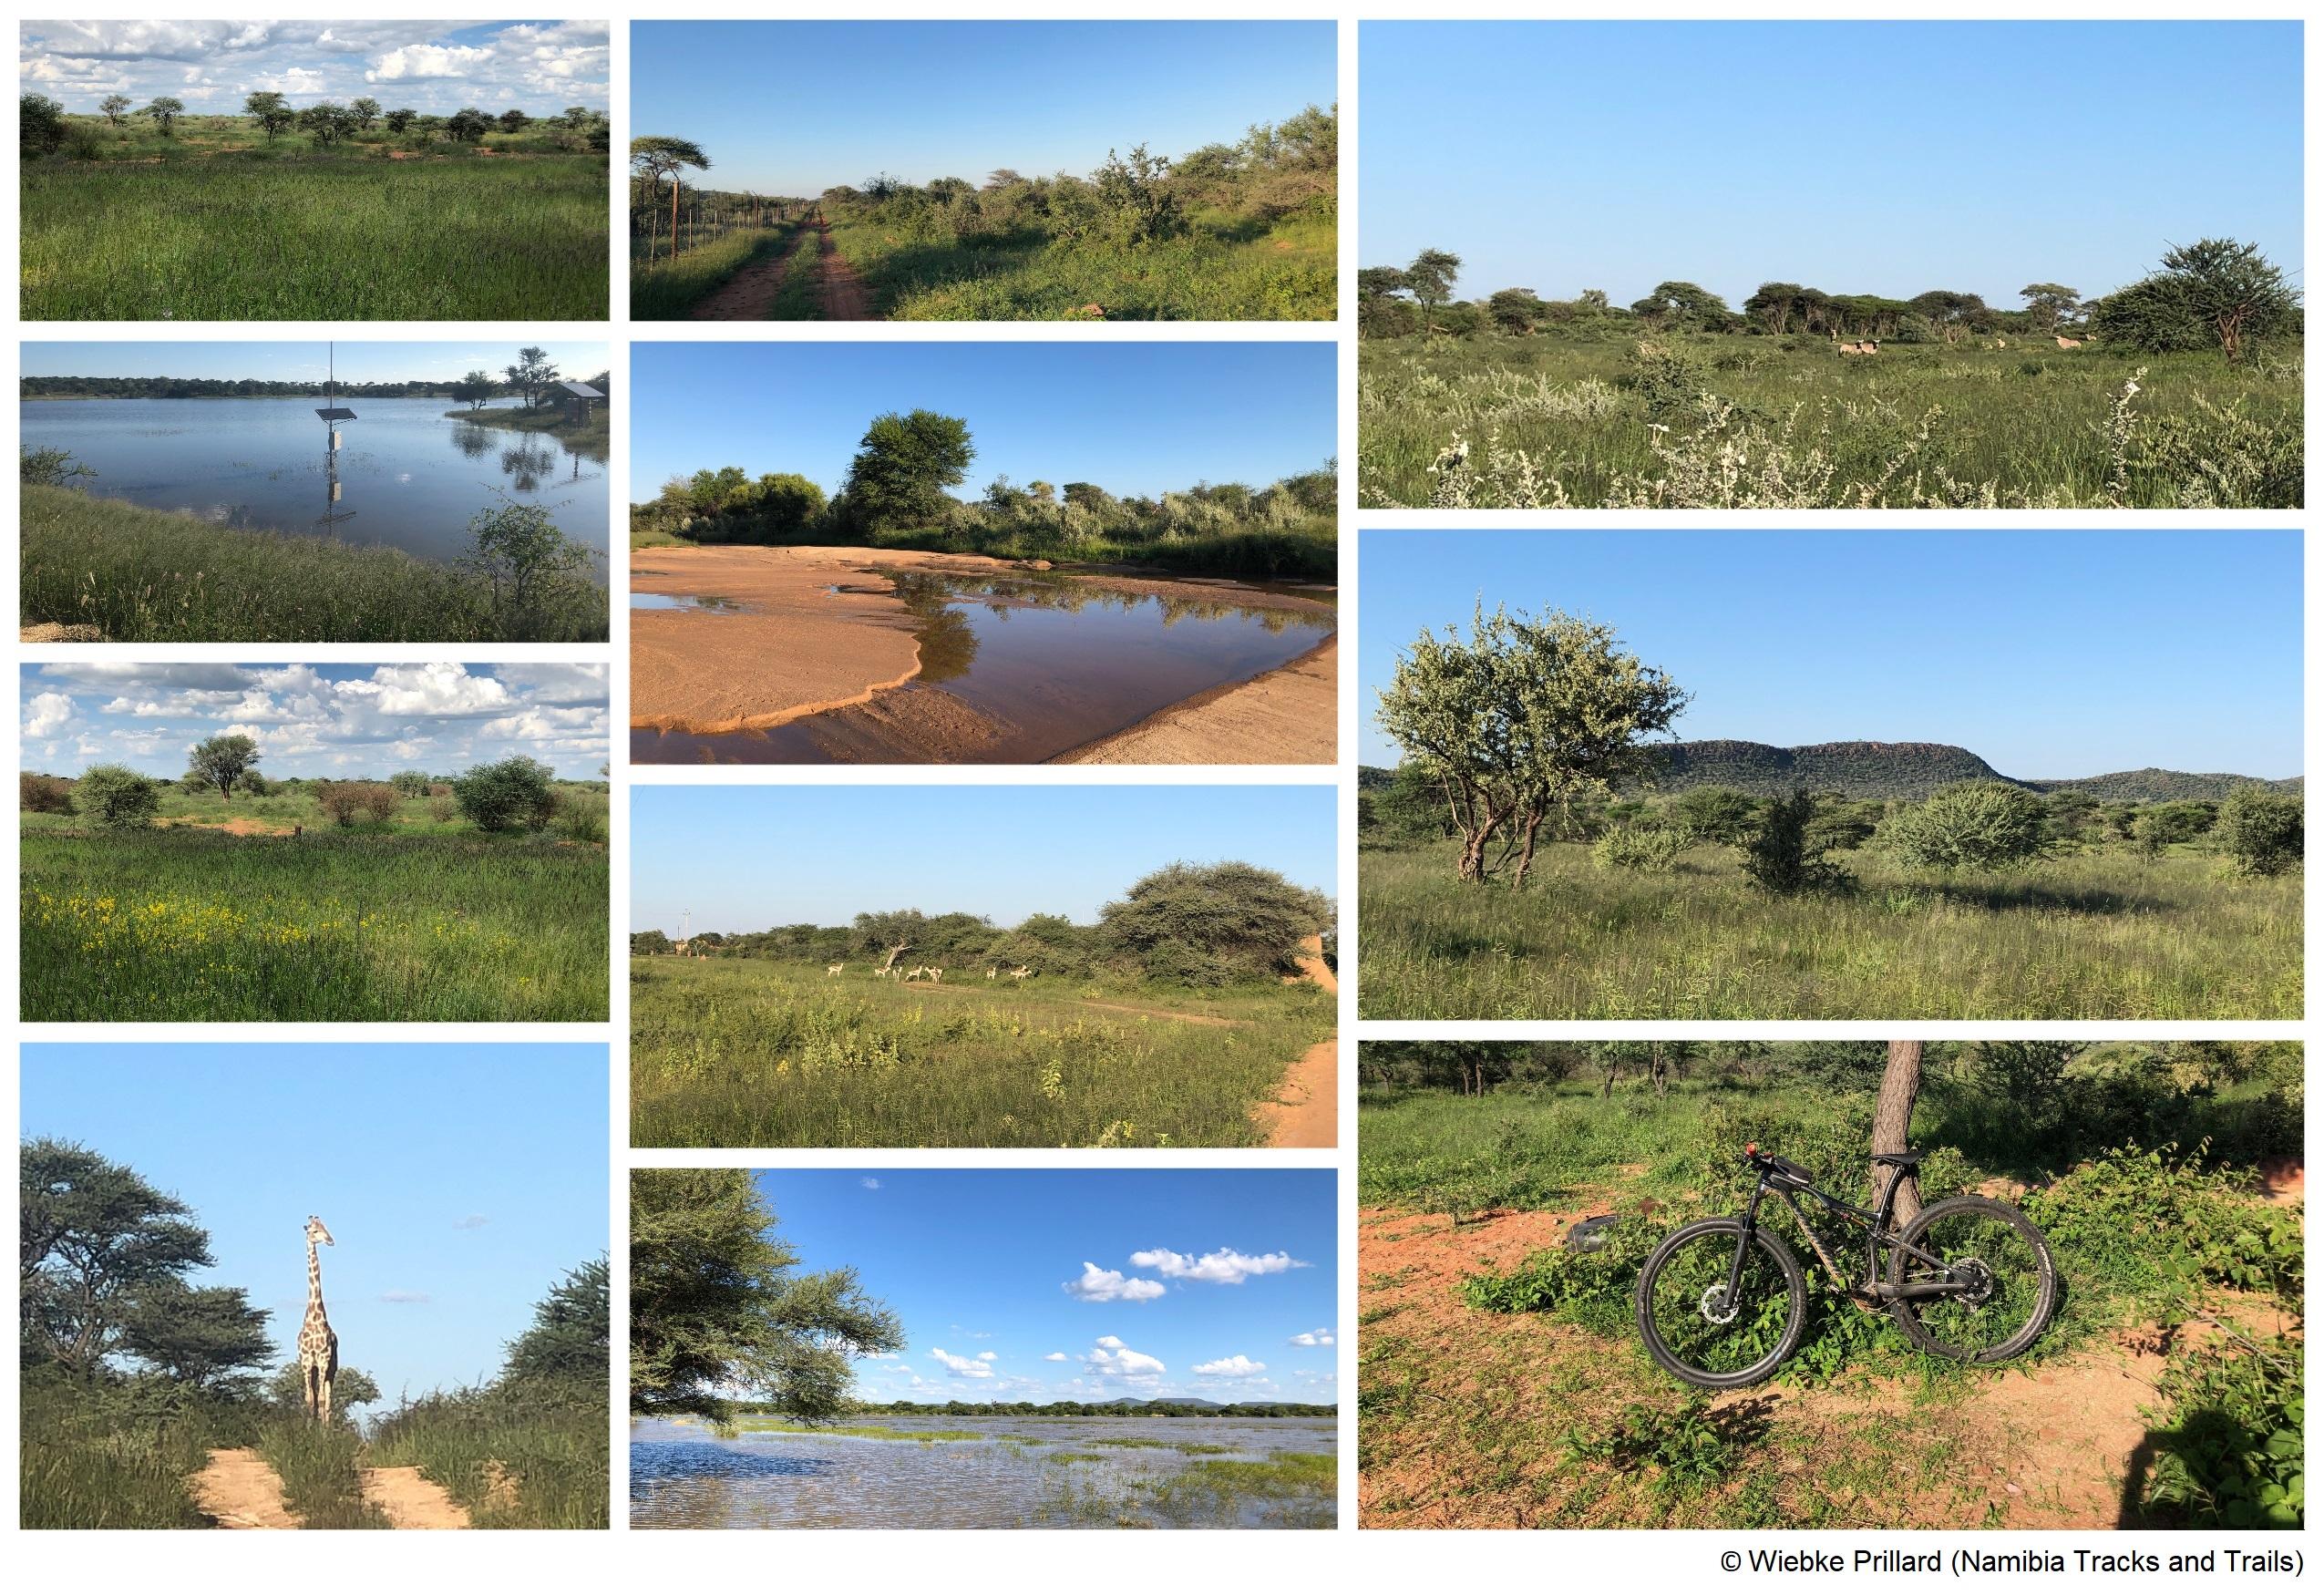 Die Bilder stammen von Wiebke Prillard (Namibia Tracks and Trails)